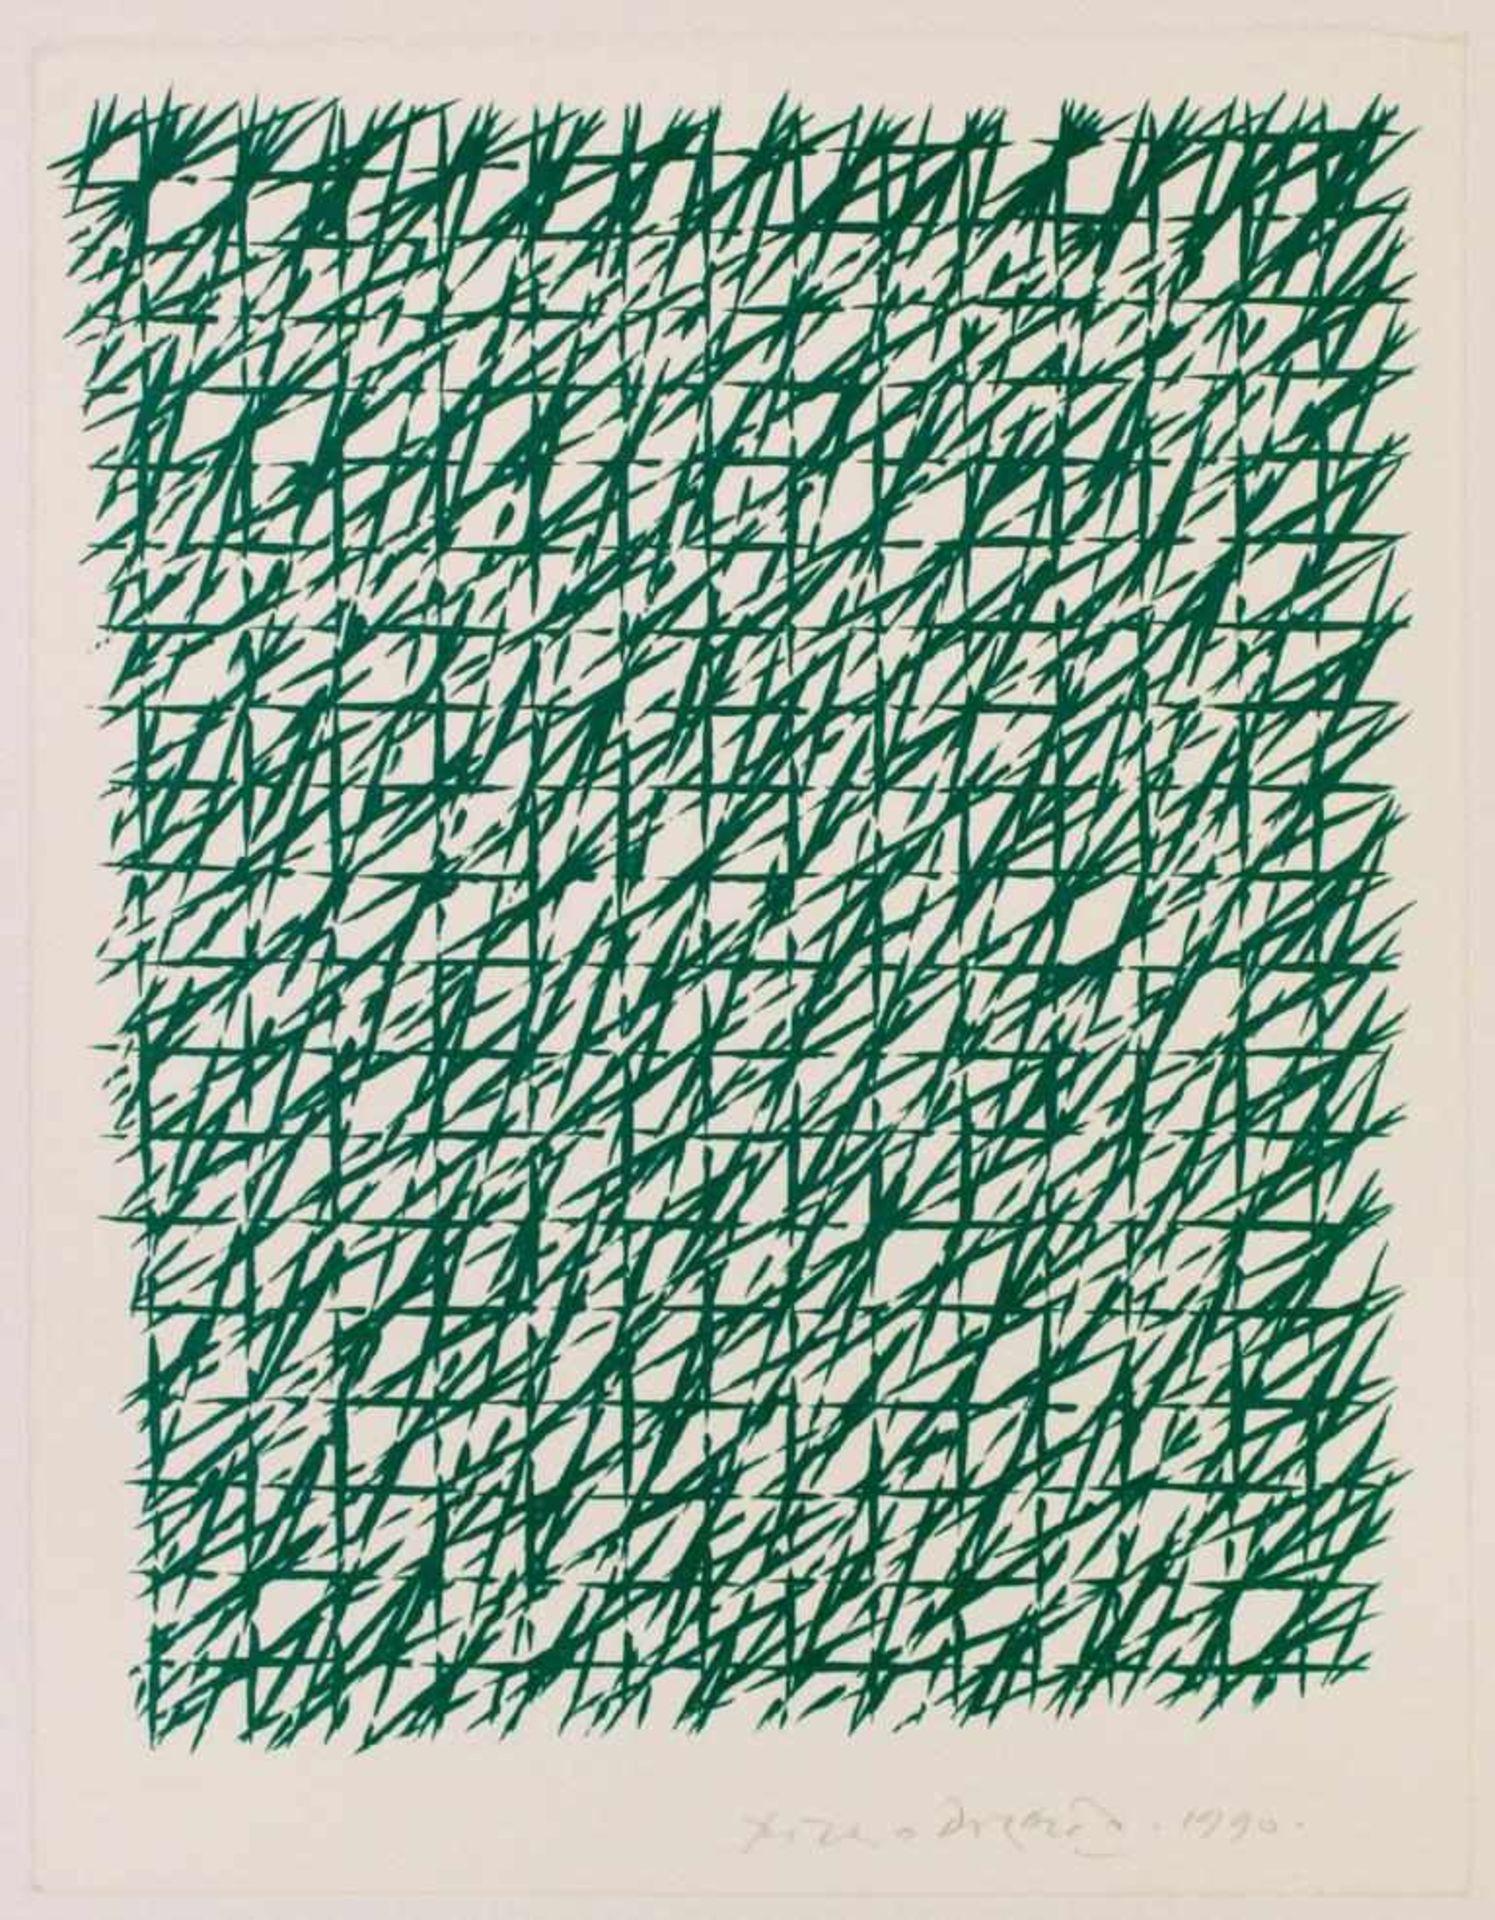 Los 4 - Doratio Piero (1927-2005) Ohne Titel 1990 Lithographie handsigniert und datiert 39 x 28 cm